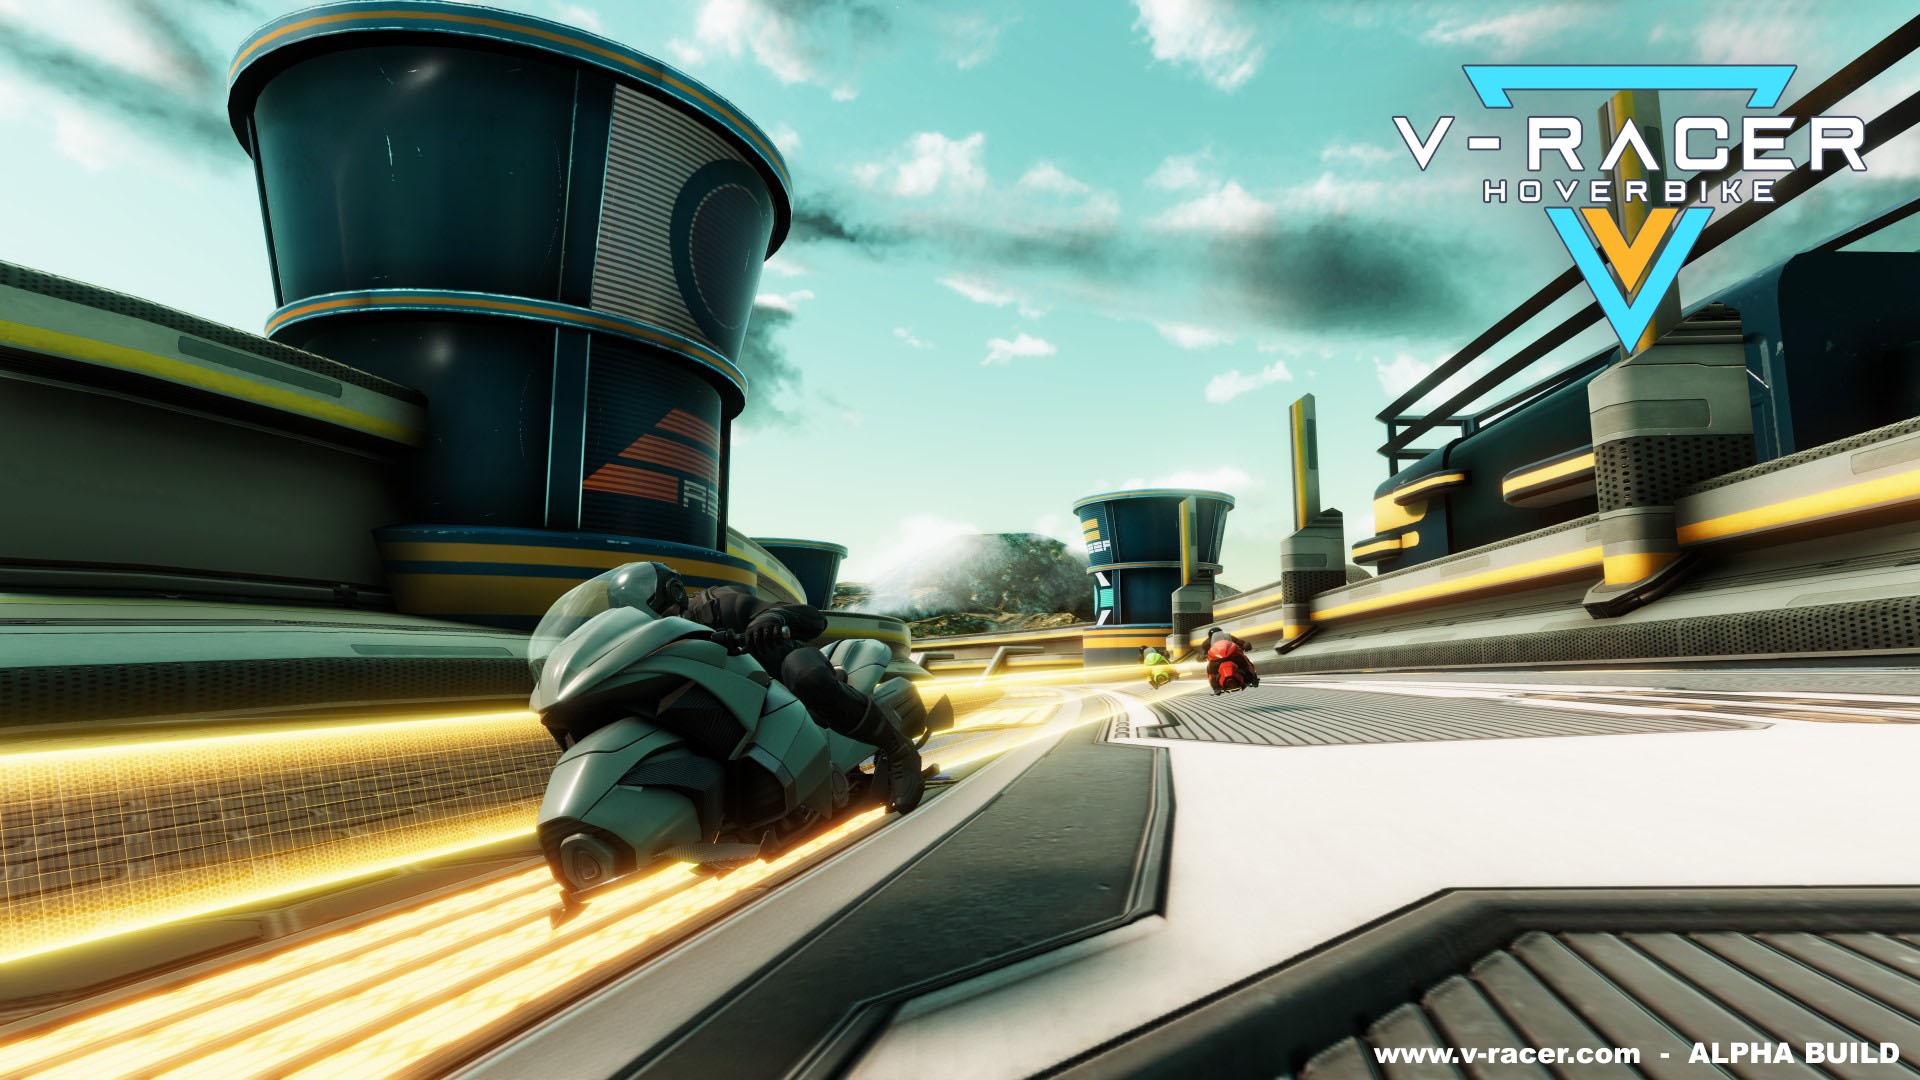 Vracer-alphabuild_02.jpg